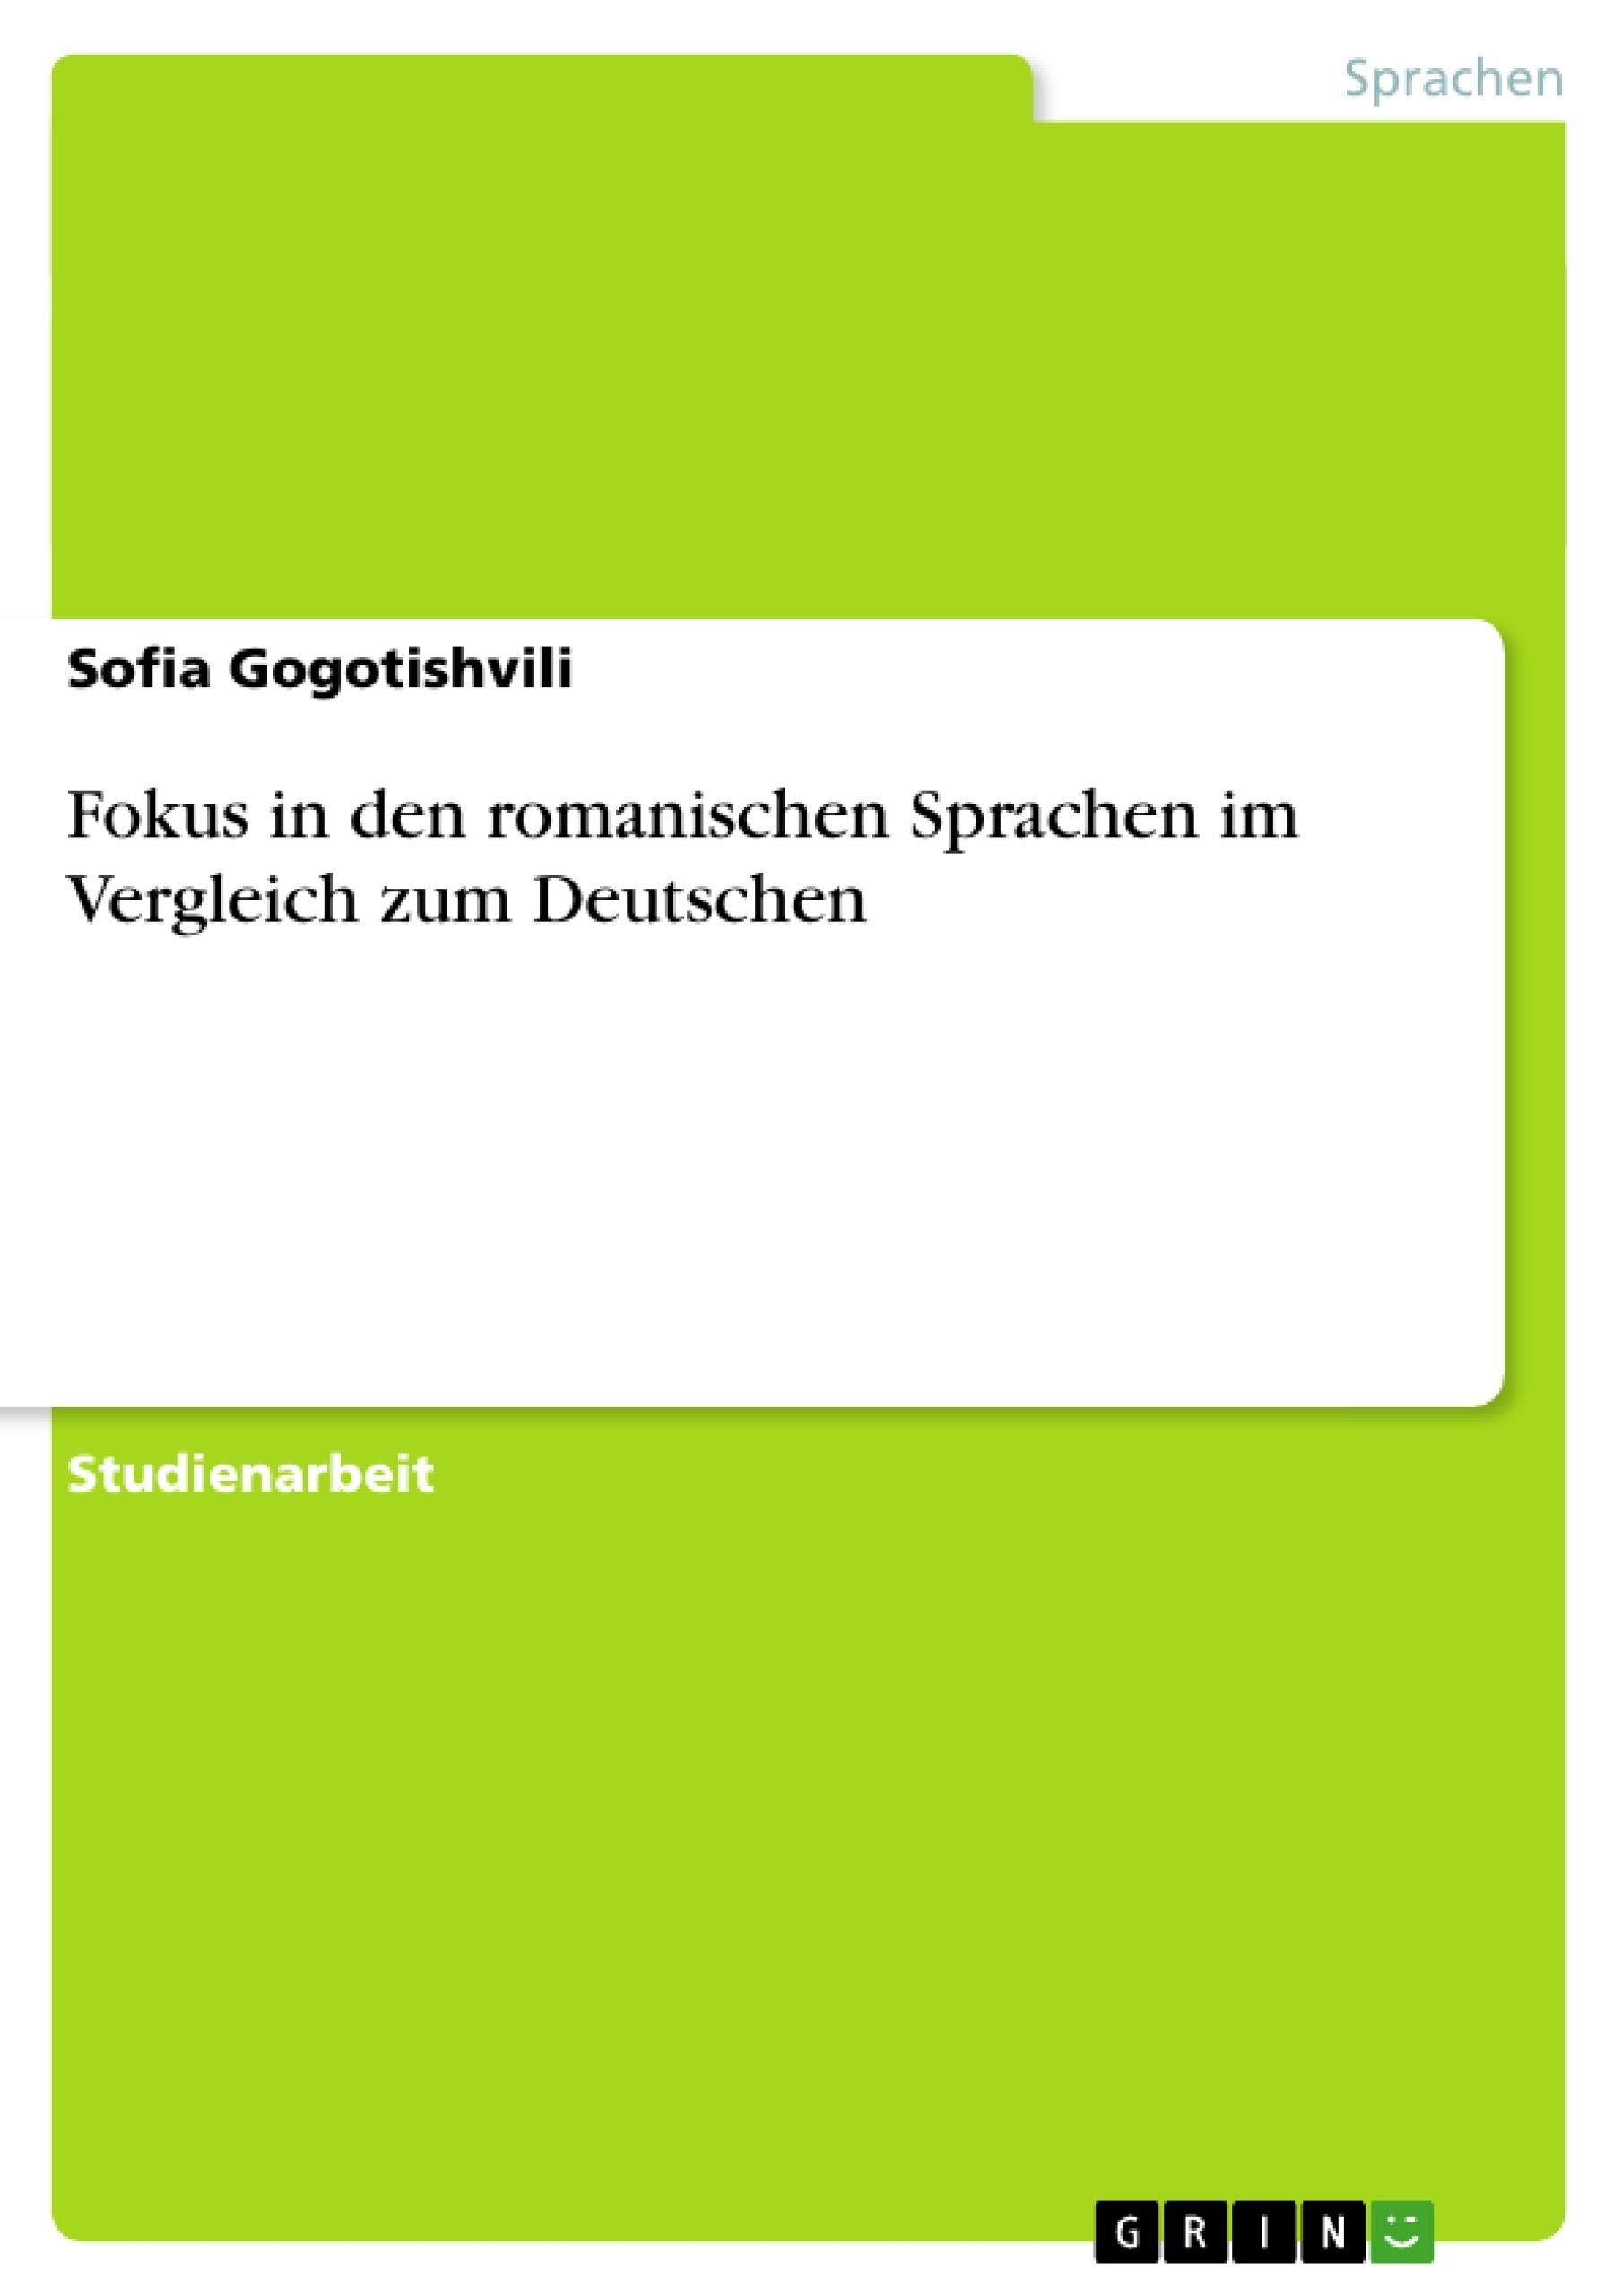 Titel: Fokus in den romanischen Sprachen im Vergleich zum Deutschen